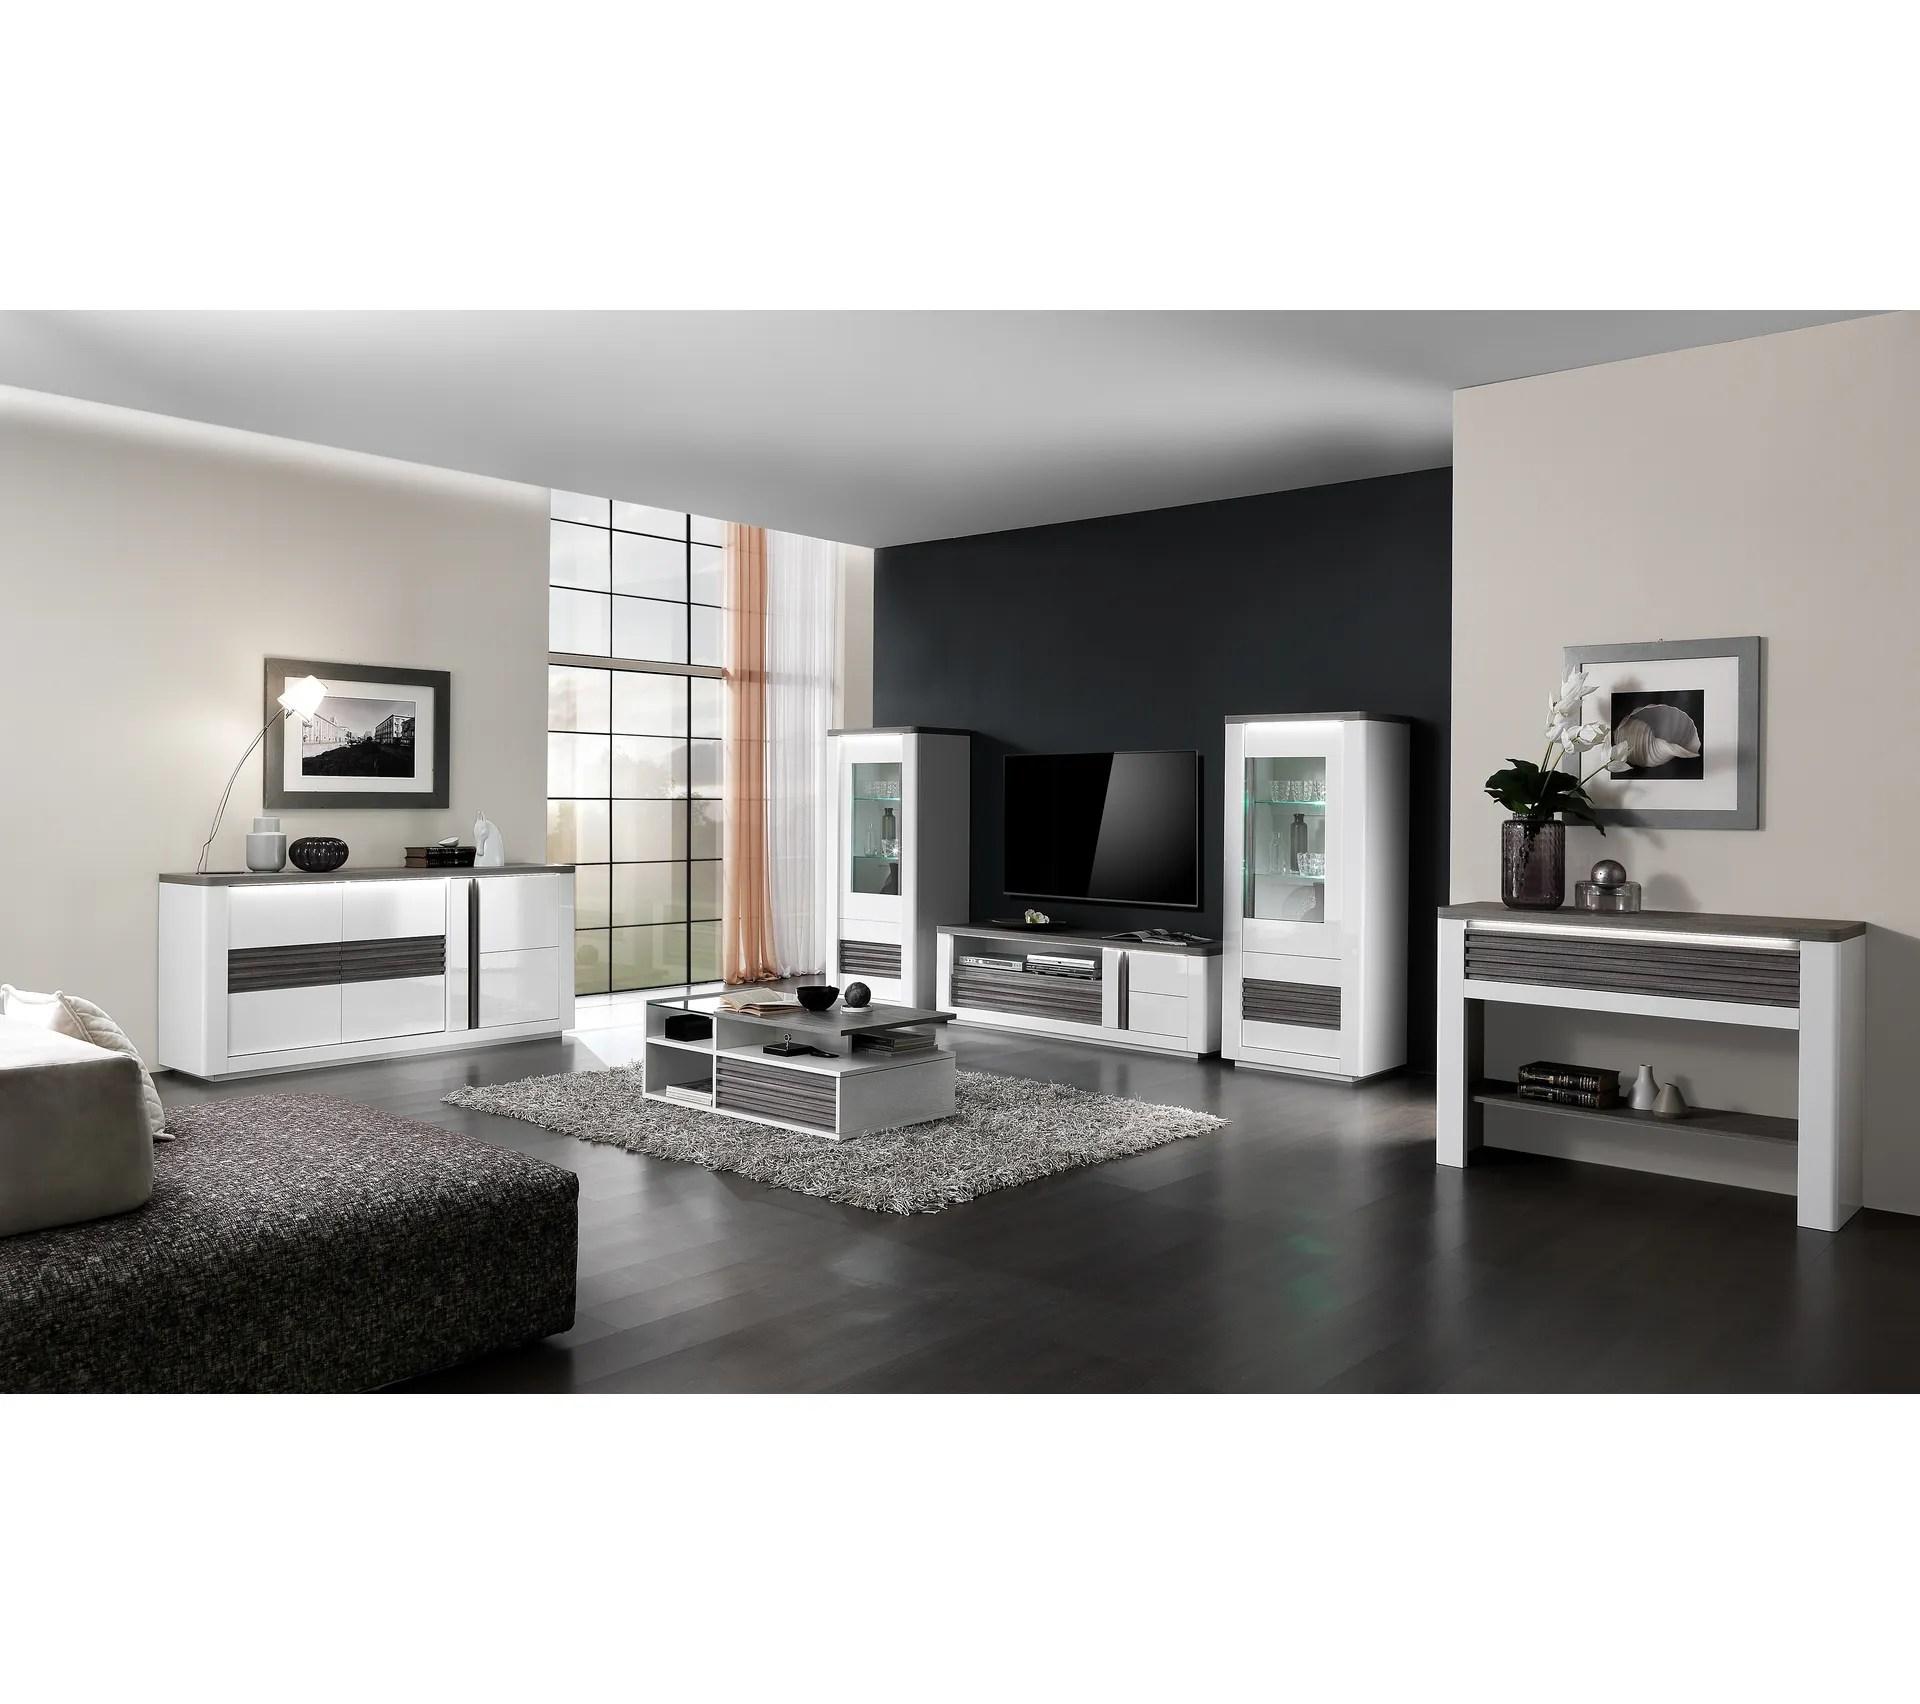 meuble tv l150 cm vertigo blanc chene gris